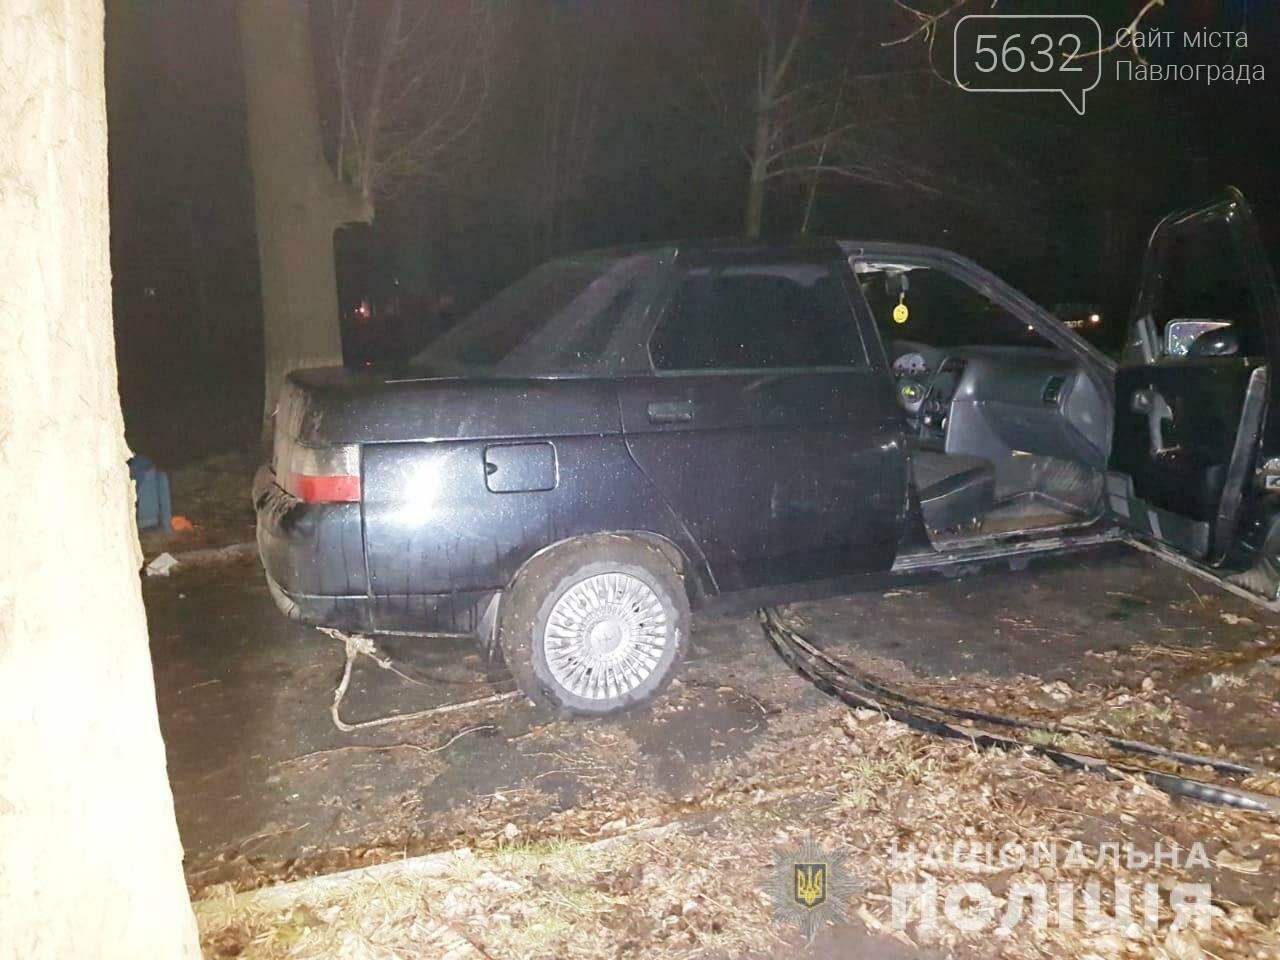 Житель Павлограда пытался украсть кабель в Петропавловке, фото-1